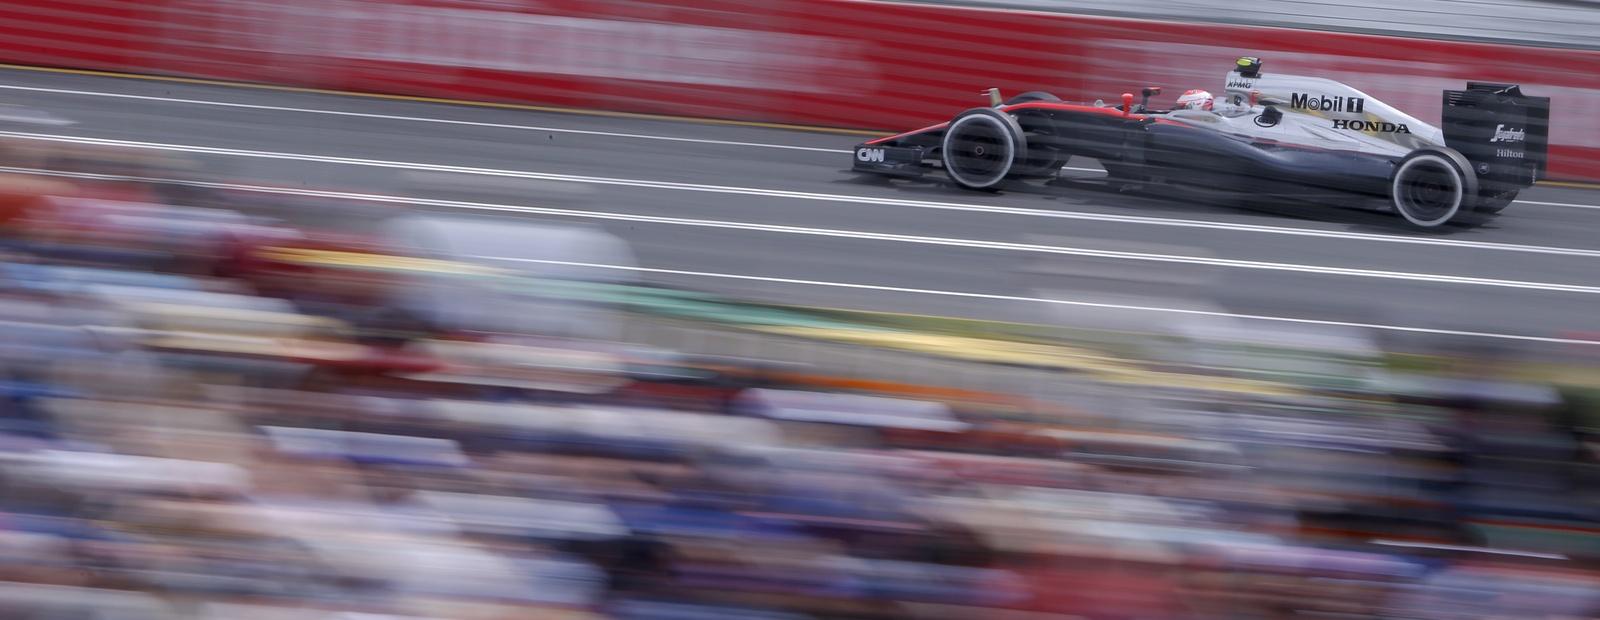 Formel1_01